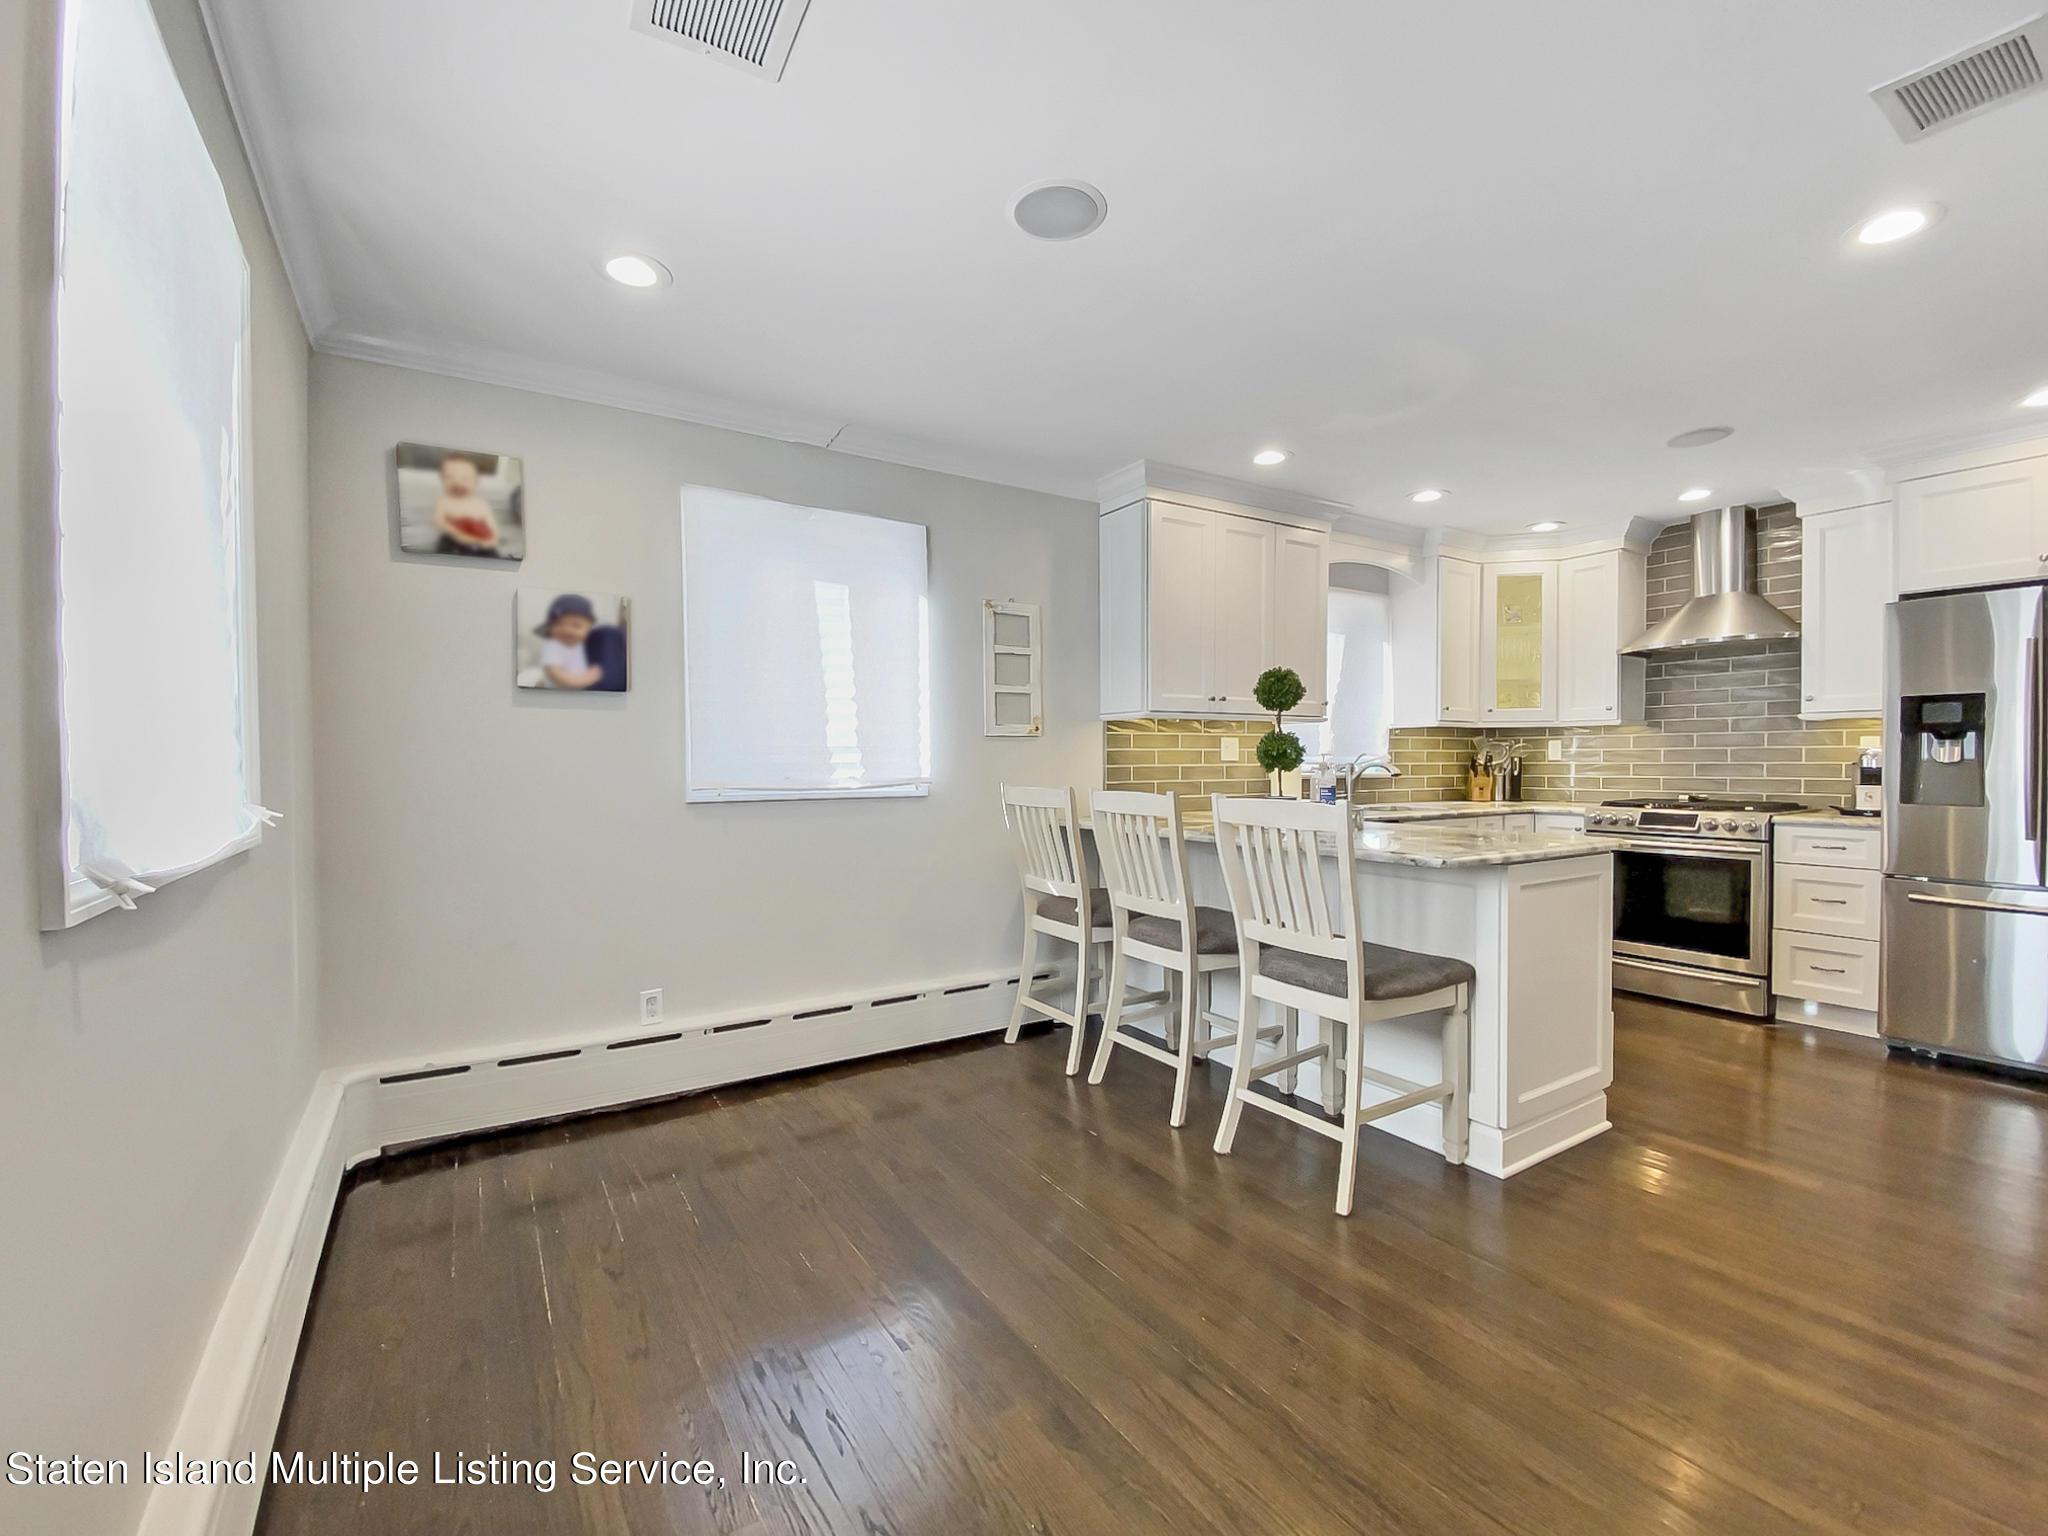 Single Family - Detached 543 Wainwright Avenue  Staten Island, NY 10312, MLS-1143141-21